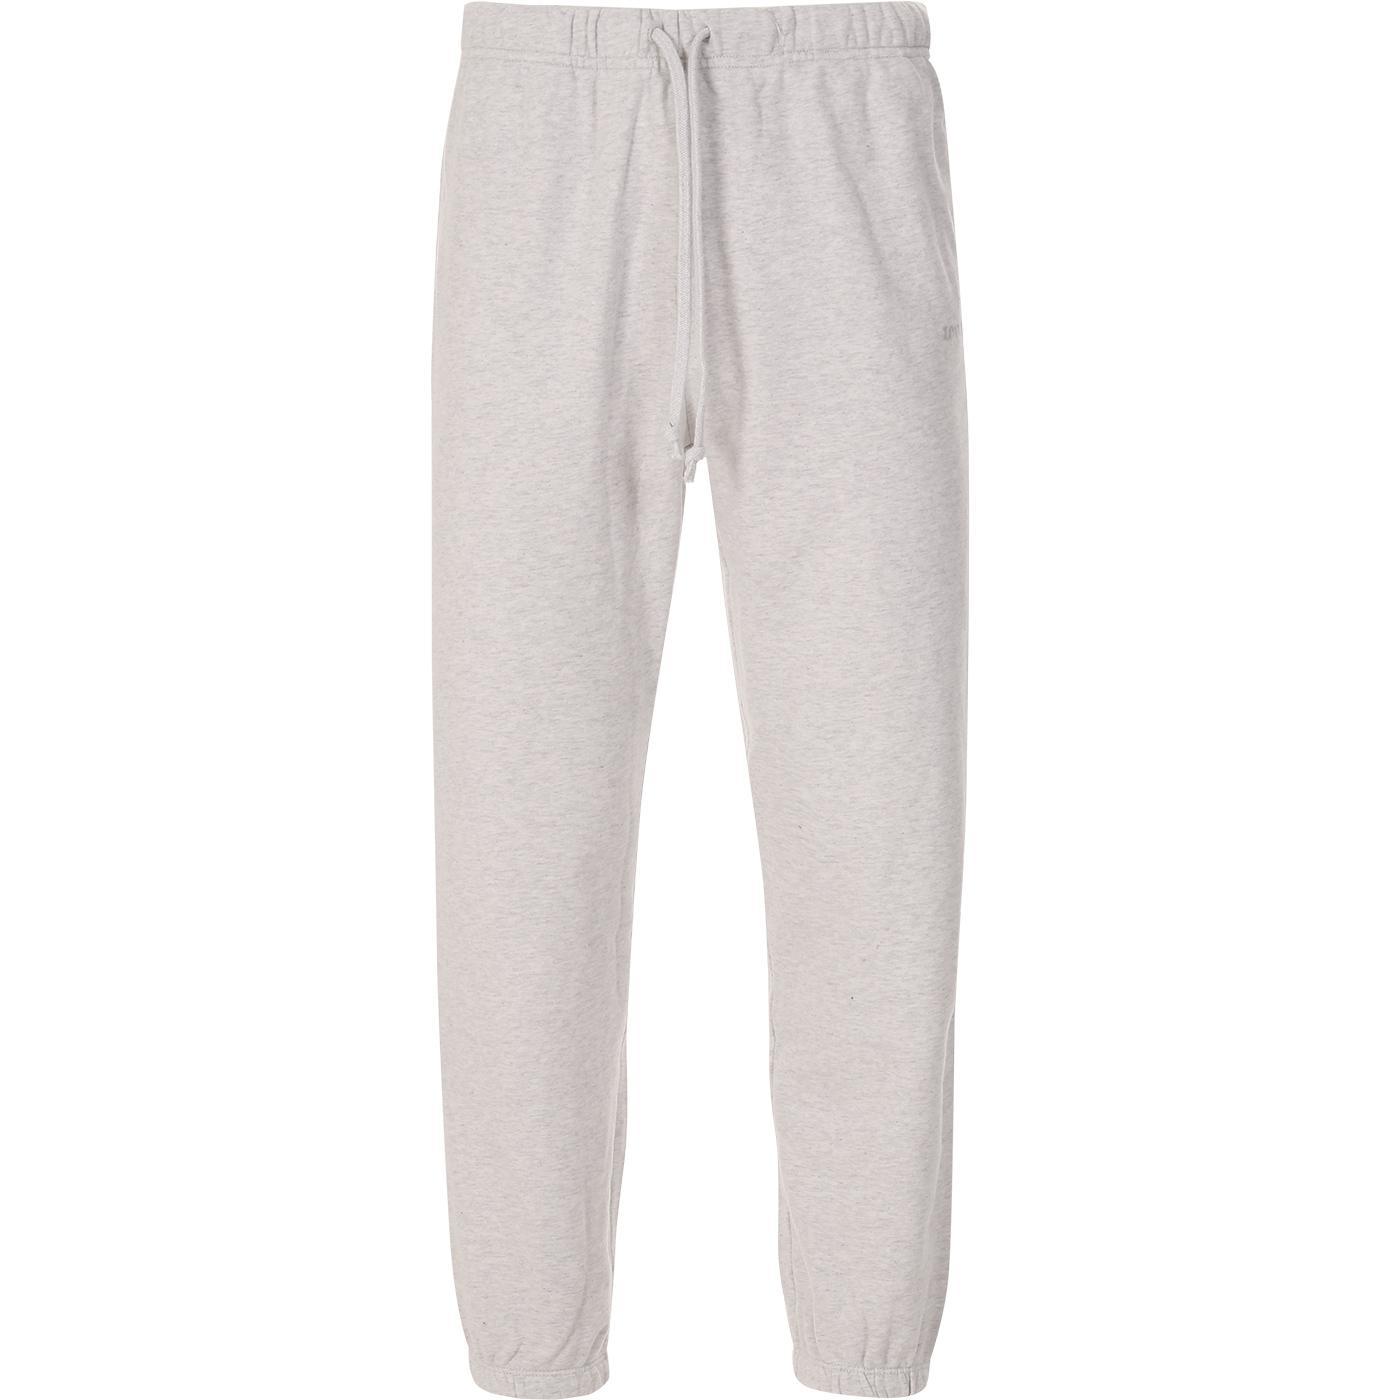 LEVI'S WFH Retro Sweatpants (Orbit Heather Grey)